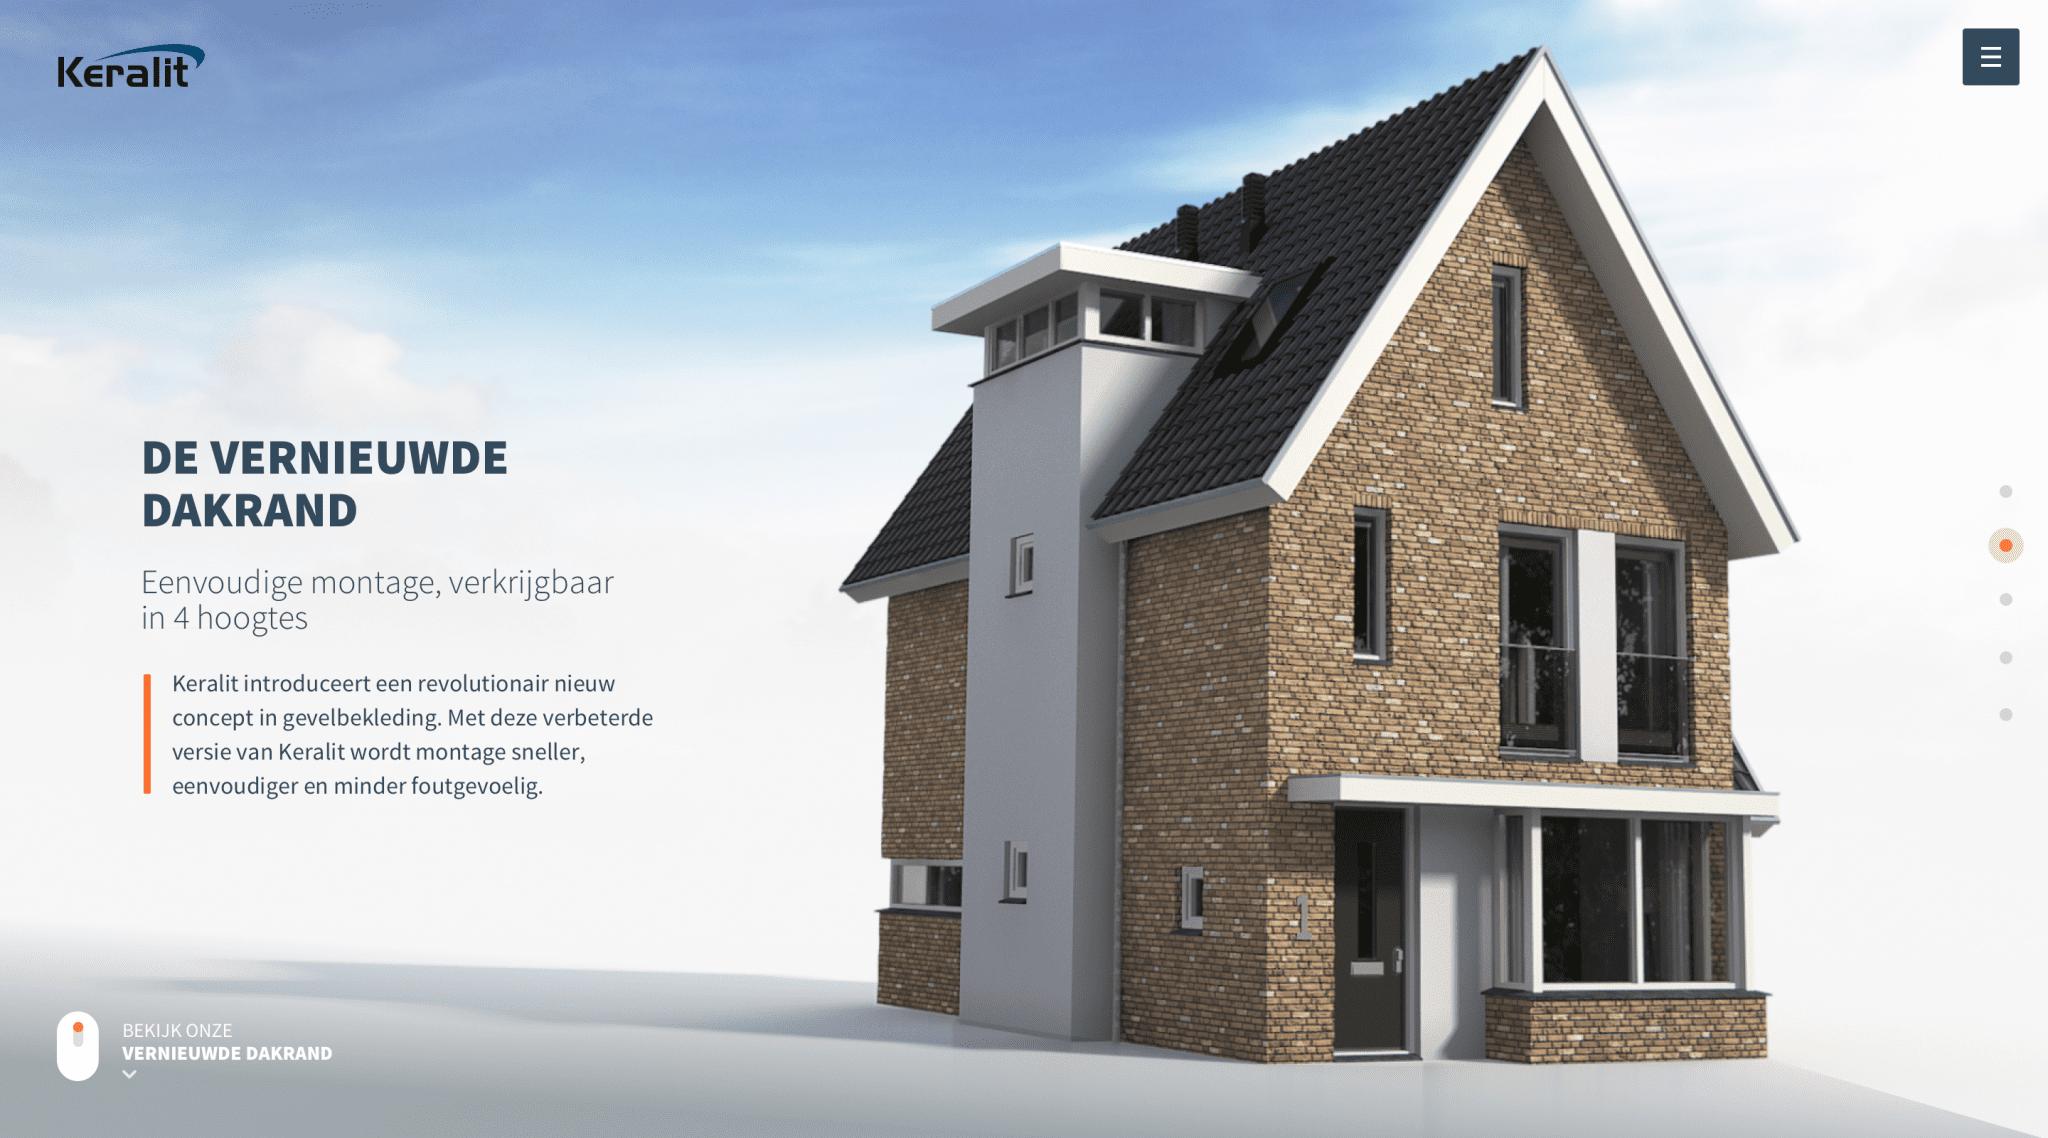 Voor de introductie van de vernieuwde dakrand ontwikkelden we een campagnesite. De site laat d.m.v. een interactieve animatie zien hoe de nieuwe dakrand werkt: https://www.keralit.nl/nieuwe-dakrand